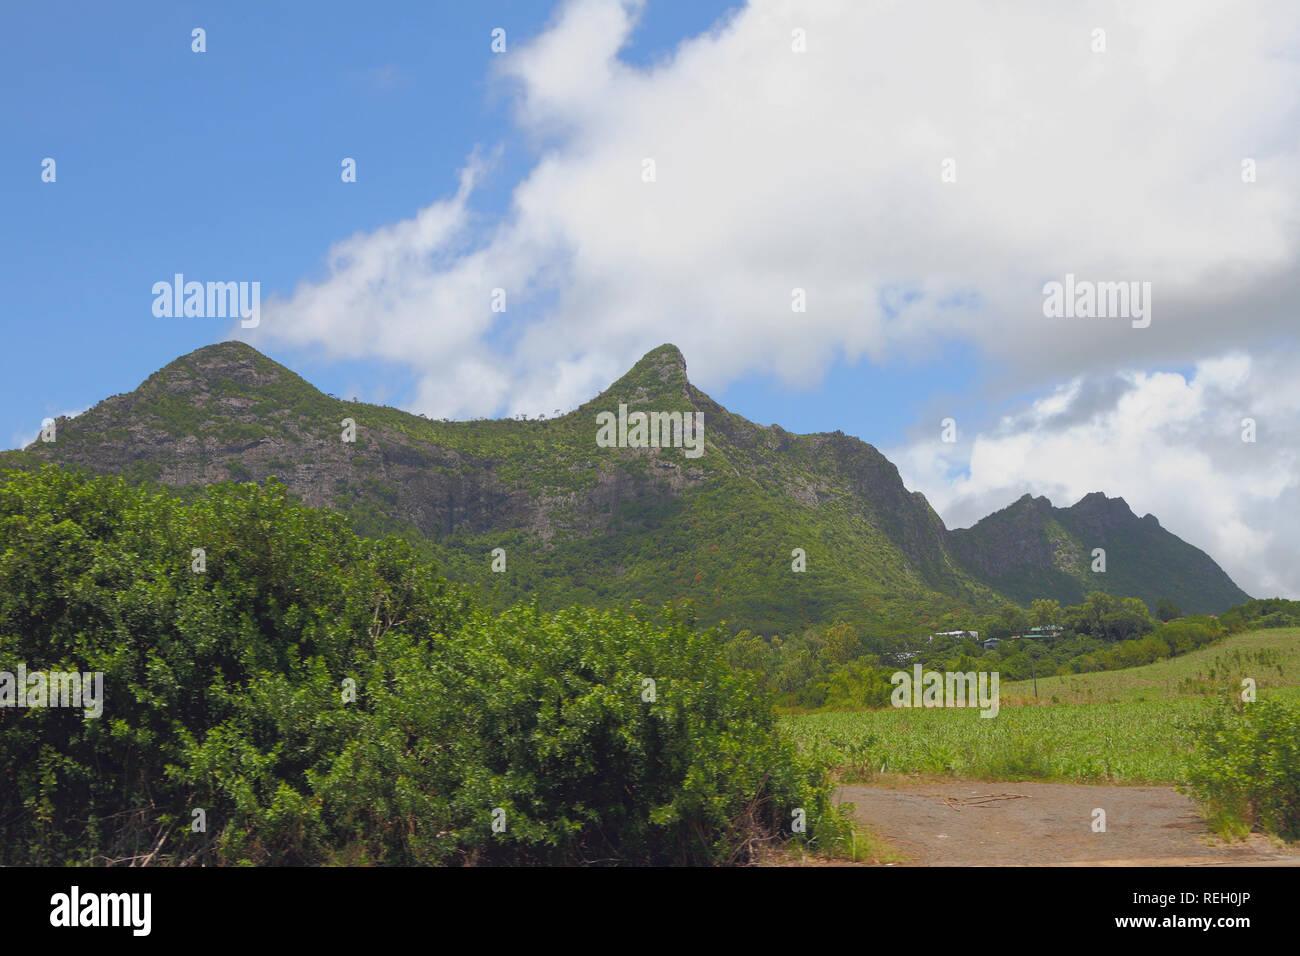 Mountain ridge Moka. Port Louis, Mauritius - Stock Image